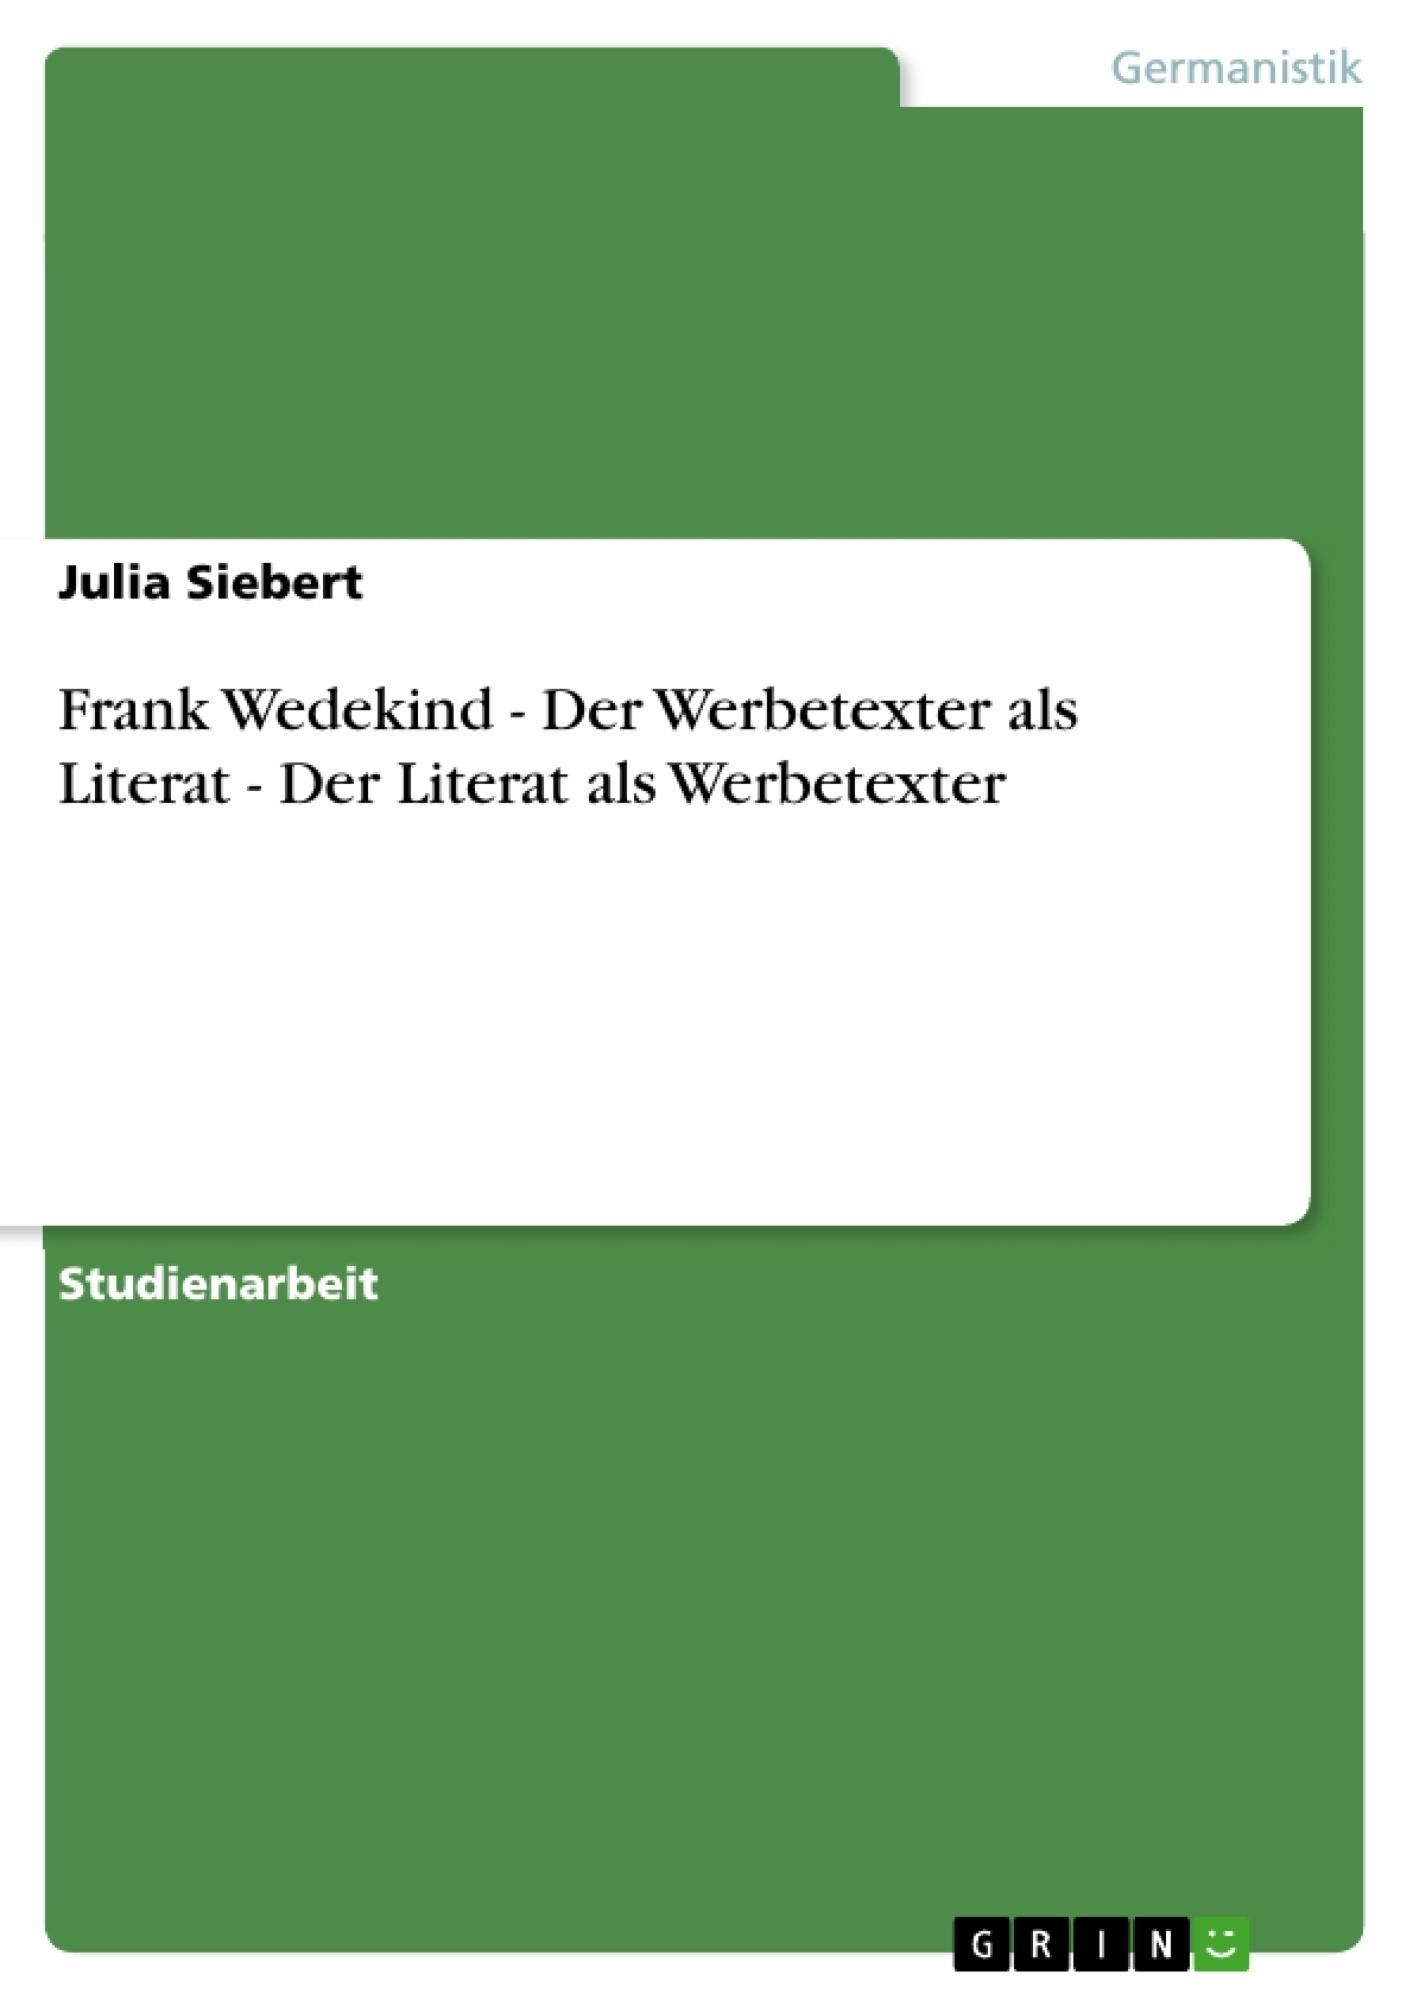 Titel: Frank Wedekind - Der Werbetexter als Literat - Der Literat als Werbetexter